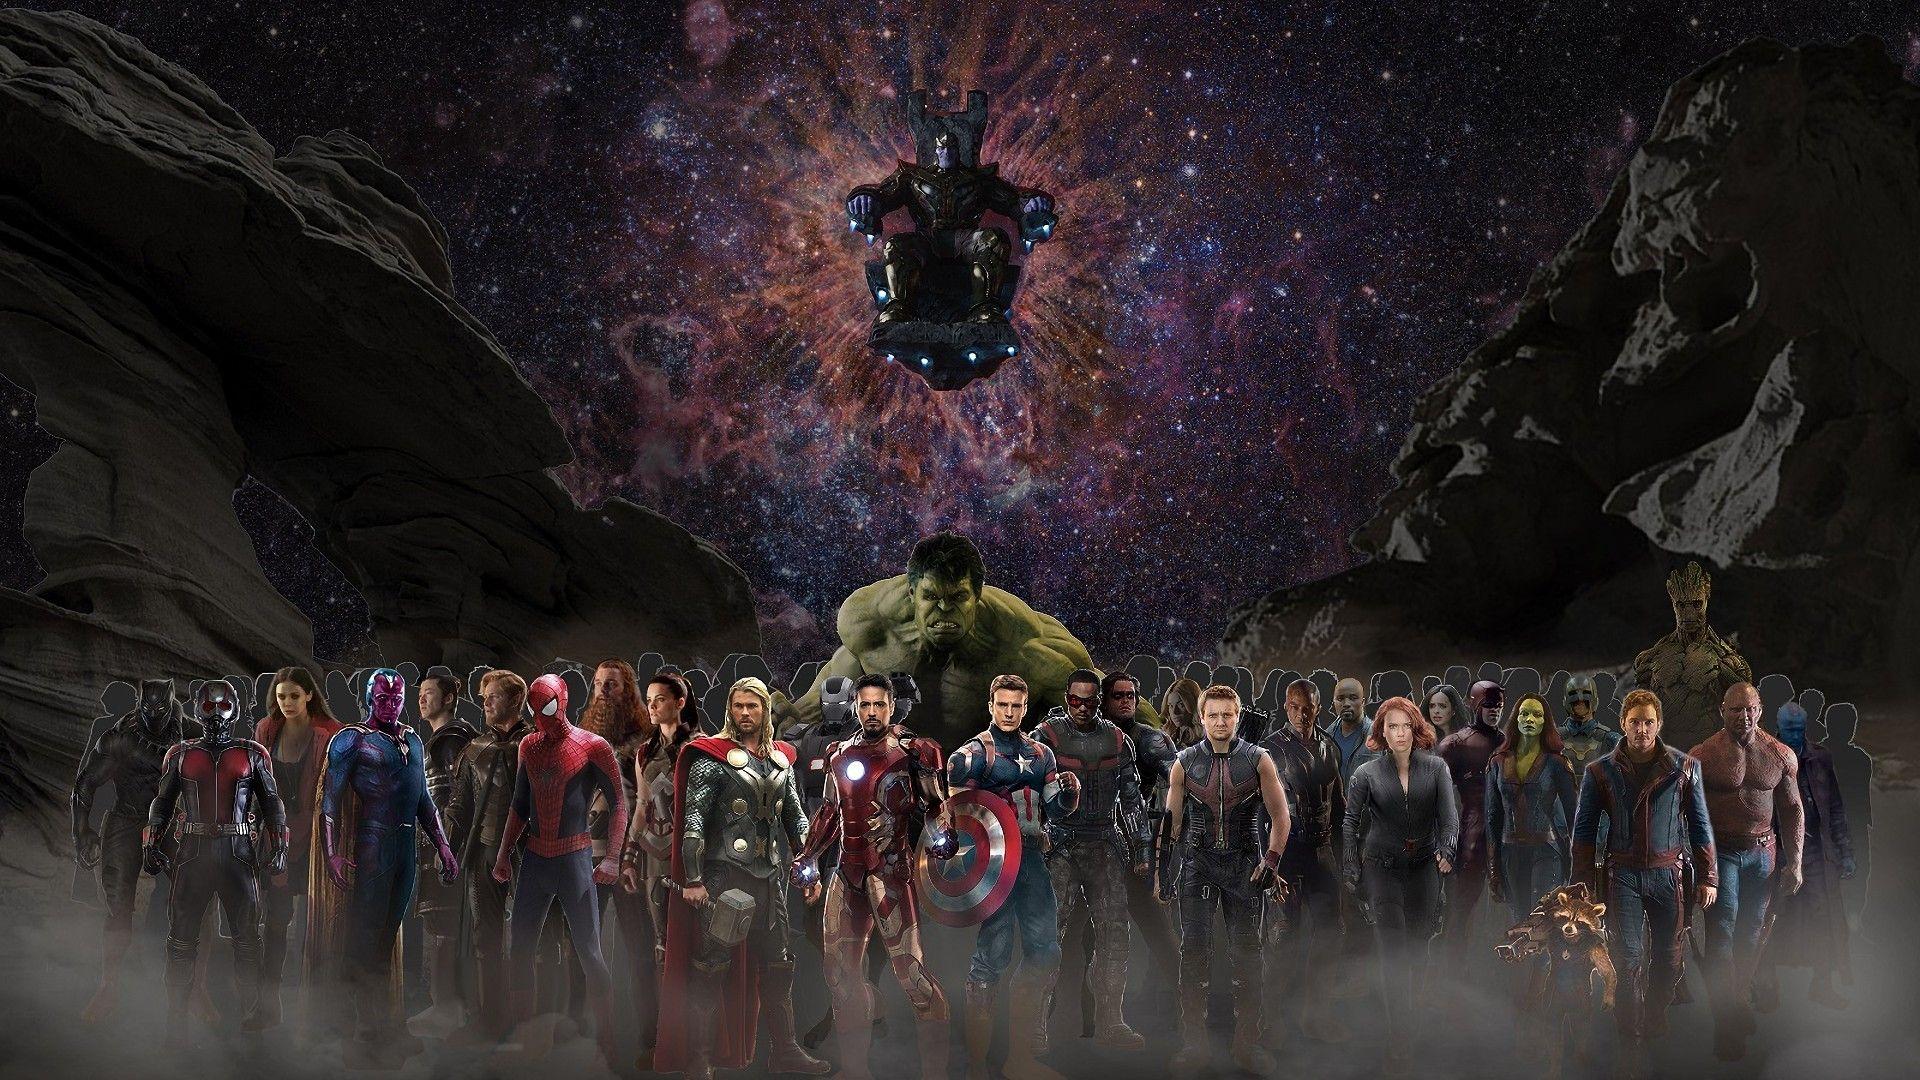 Wallpaper Avengers Infinity War Hd 2021 Live Wallpaper Hd Marvel Infinity War Avengers Infinity War Marvel Wallpaper